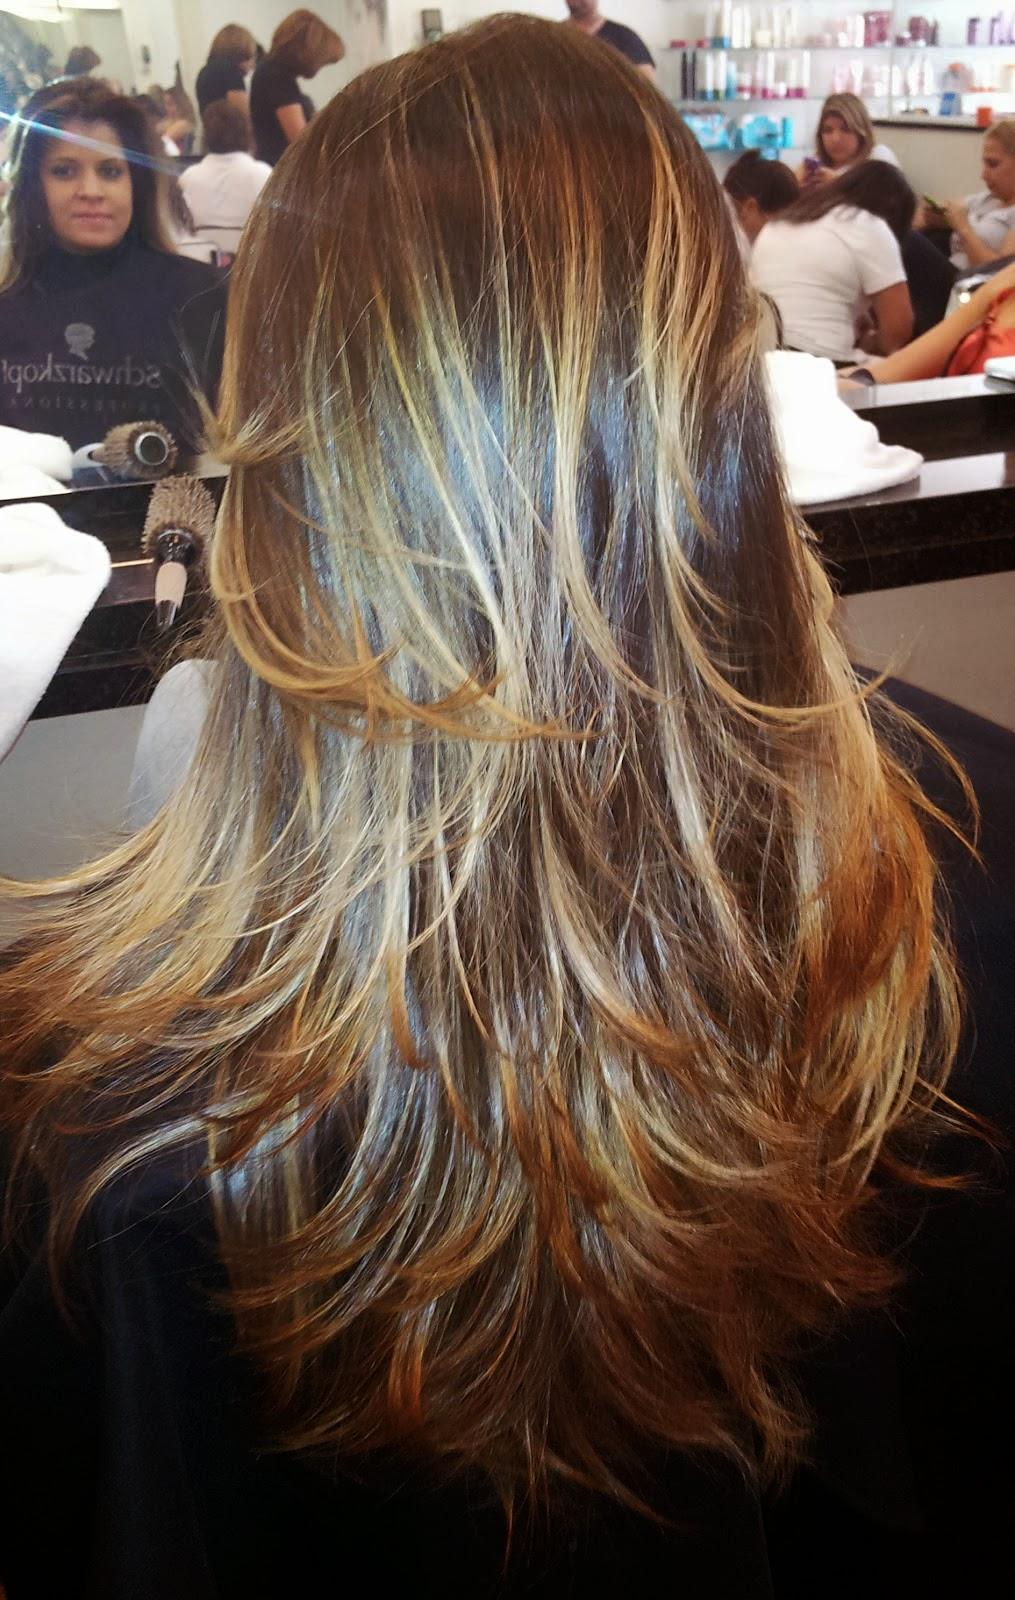 Receitas eficazes de uma perda do cabelo